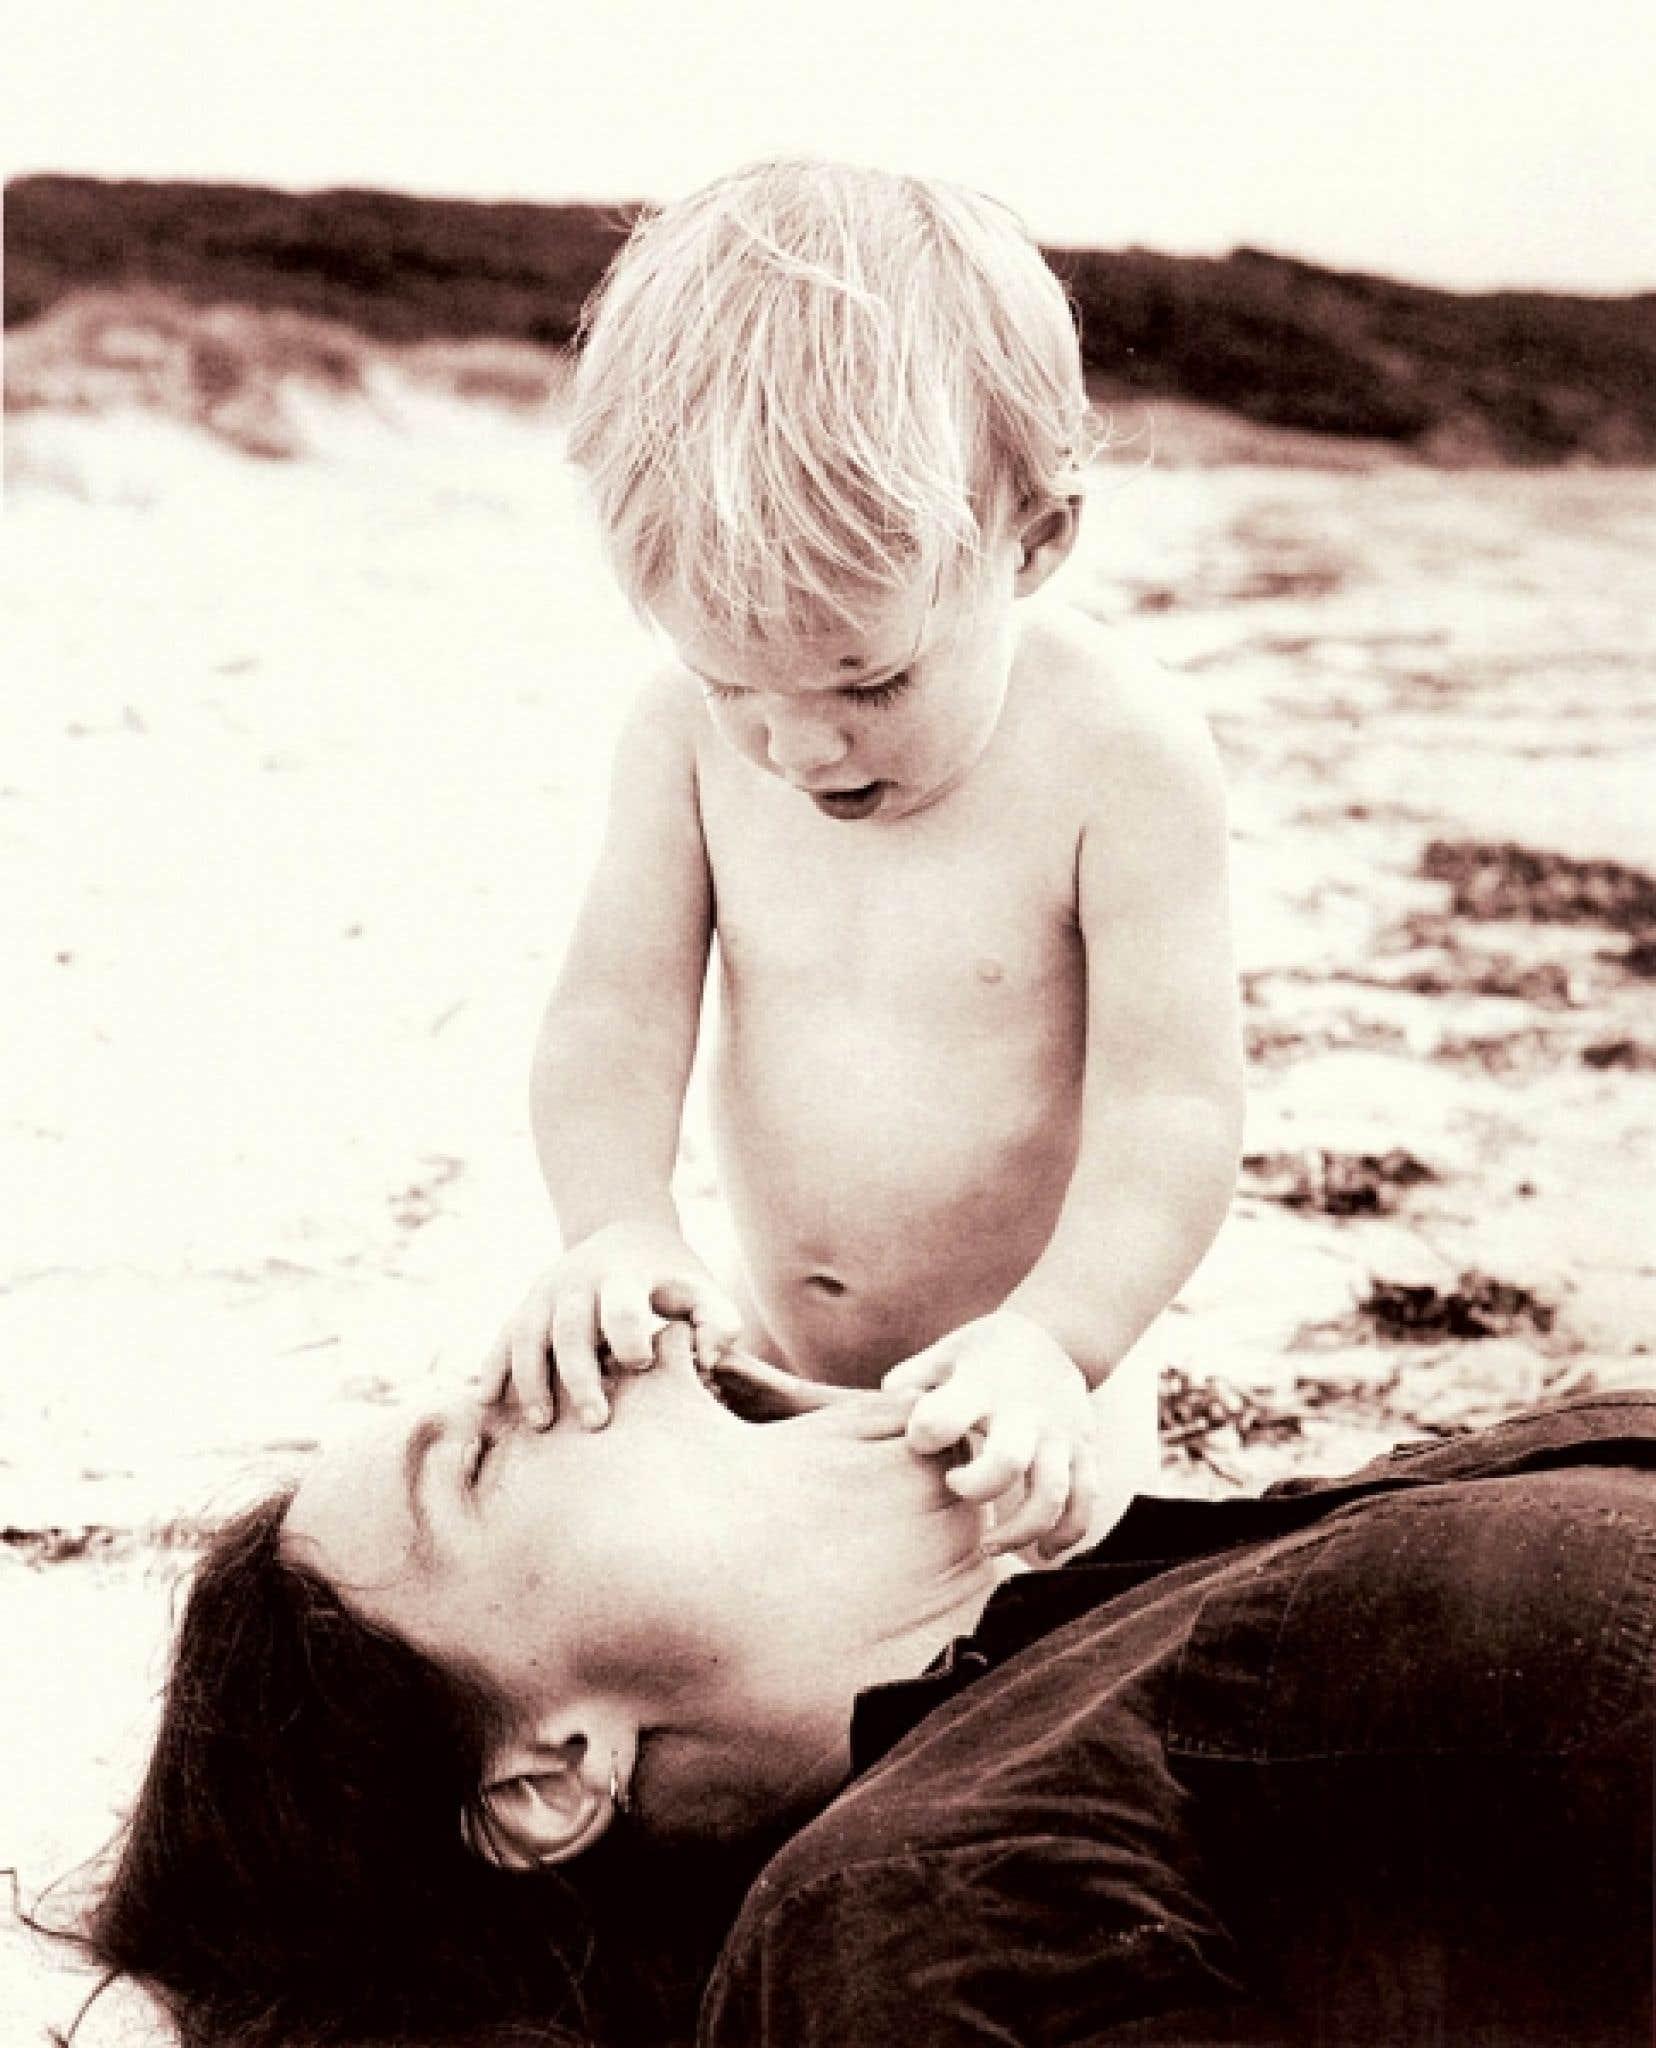 «On peut comparer la patience d'une mère à un tube de dentrifice. Il en restera toujours un peu au fond», une citation du livre Pour ma mère.<br />